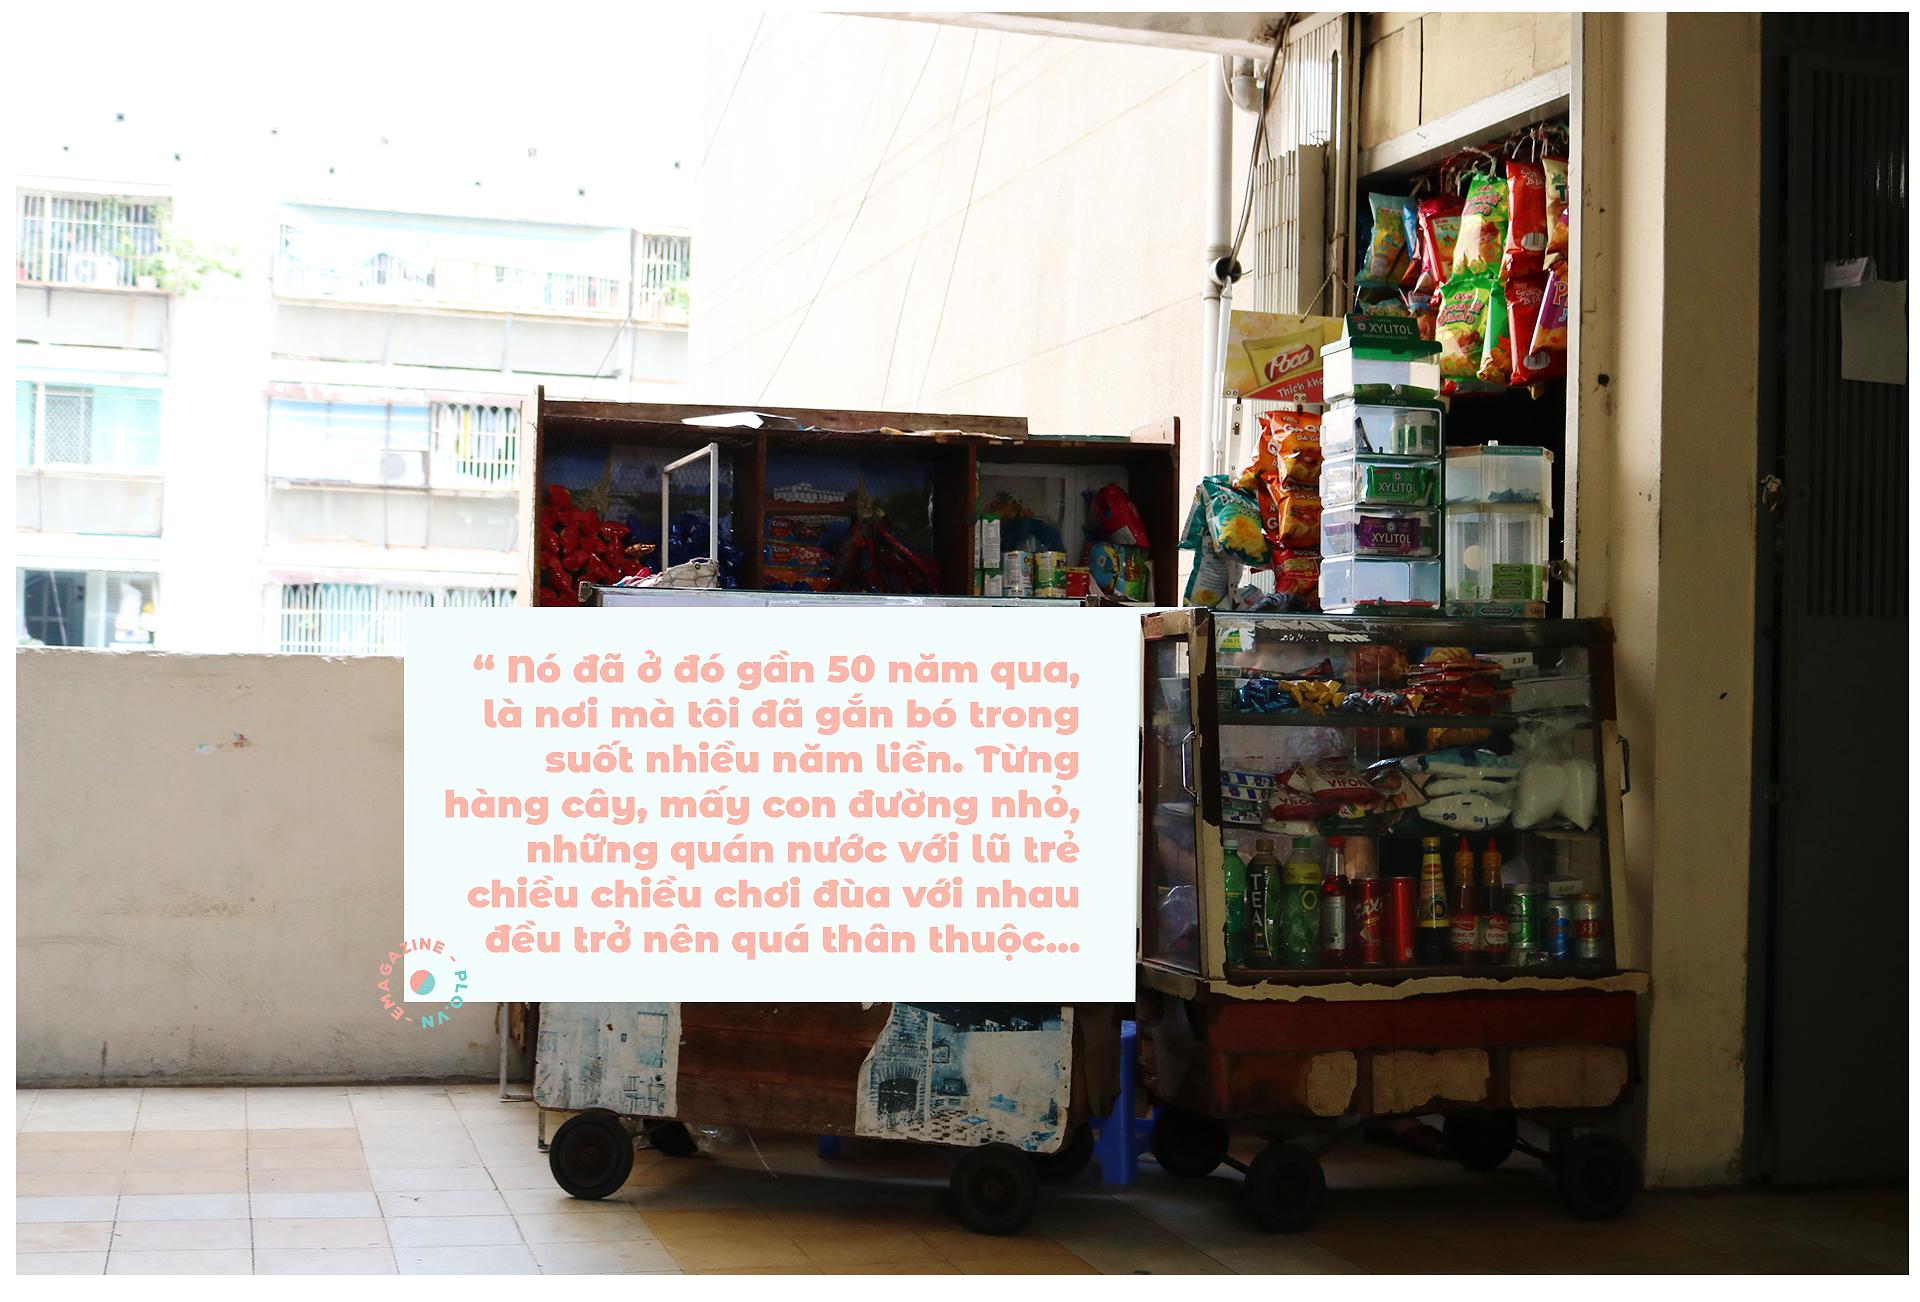 50 năm cư xá Thanh Đa: Hồi ức và ước nguyện - ảnh 8